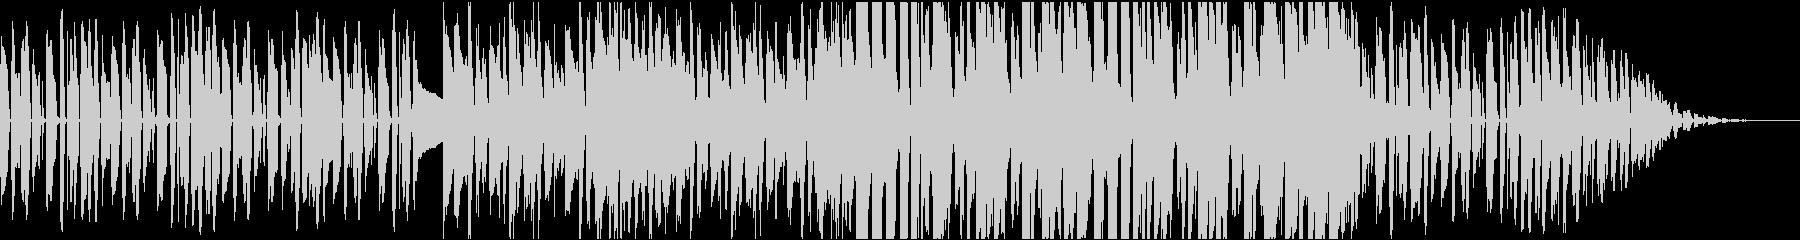 ベースが印象的なジャズナンバーの未再生の波形